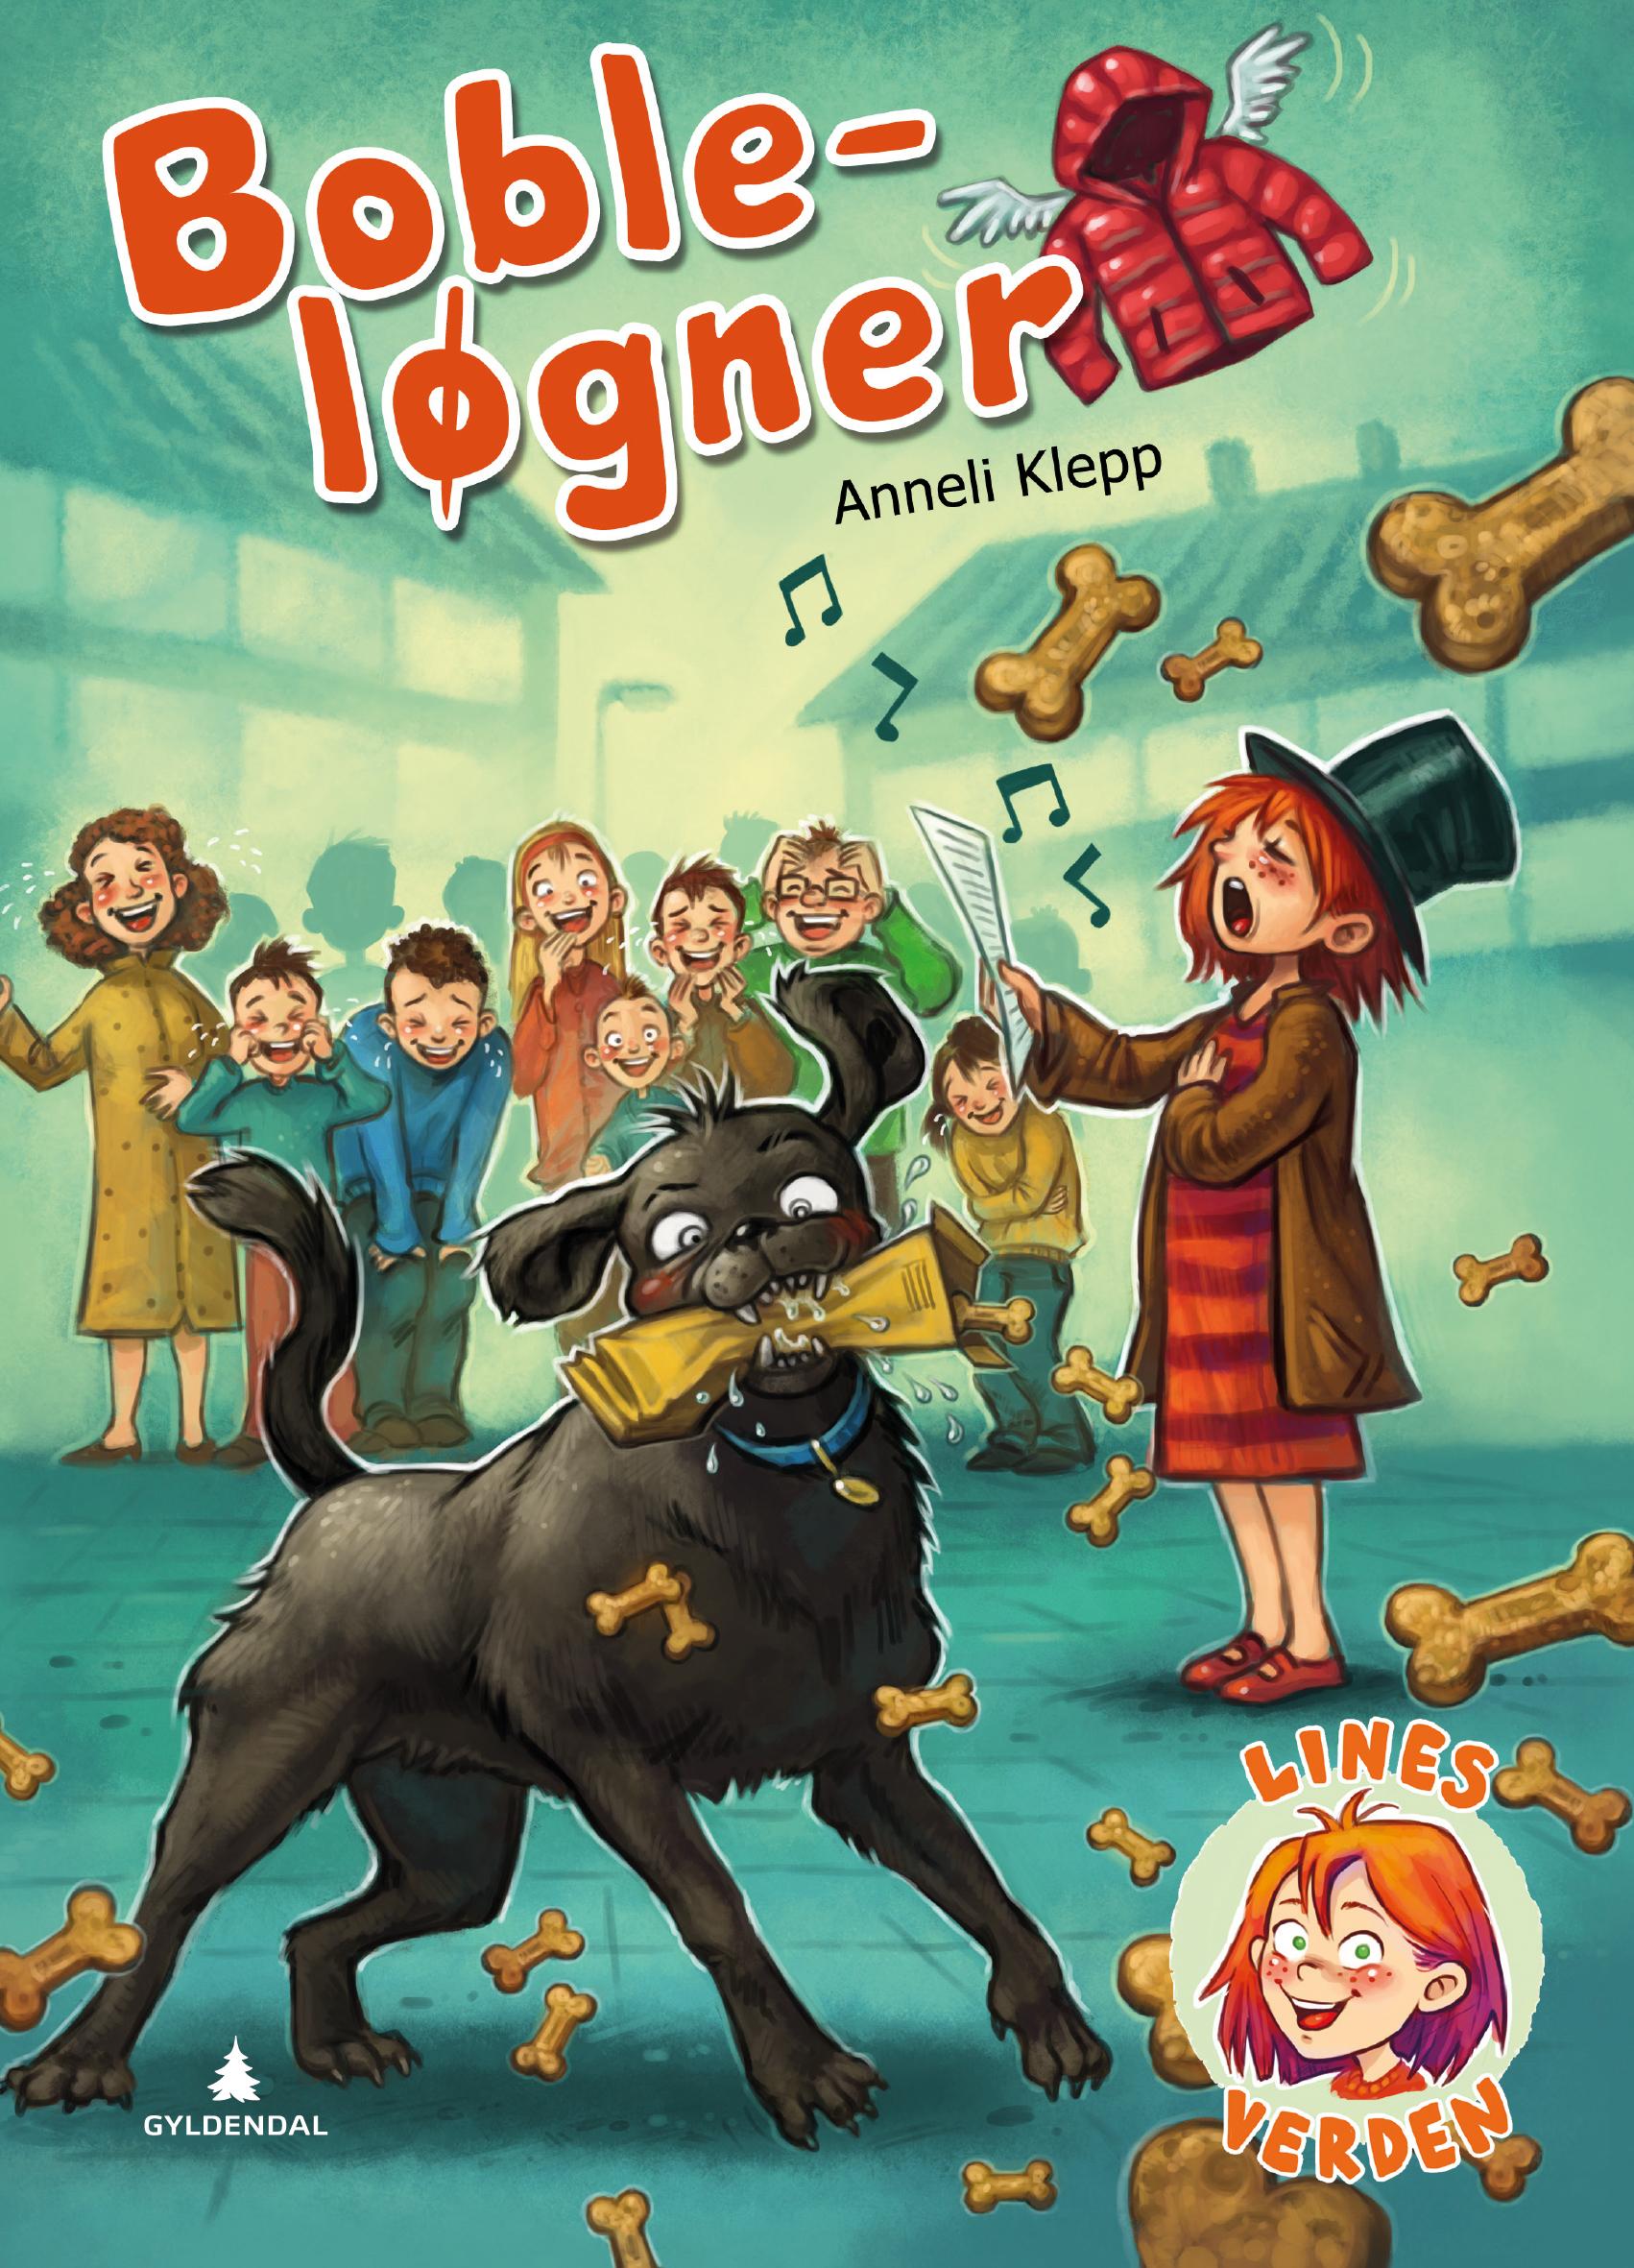 Boble-løgner (Lines verden, #3)  by  Anneli Klepp